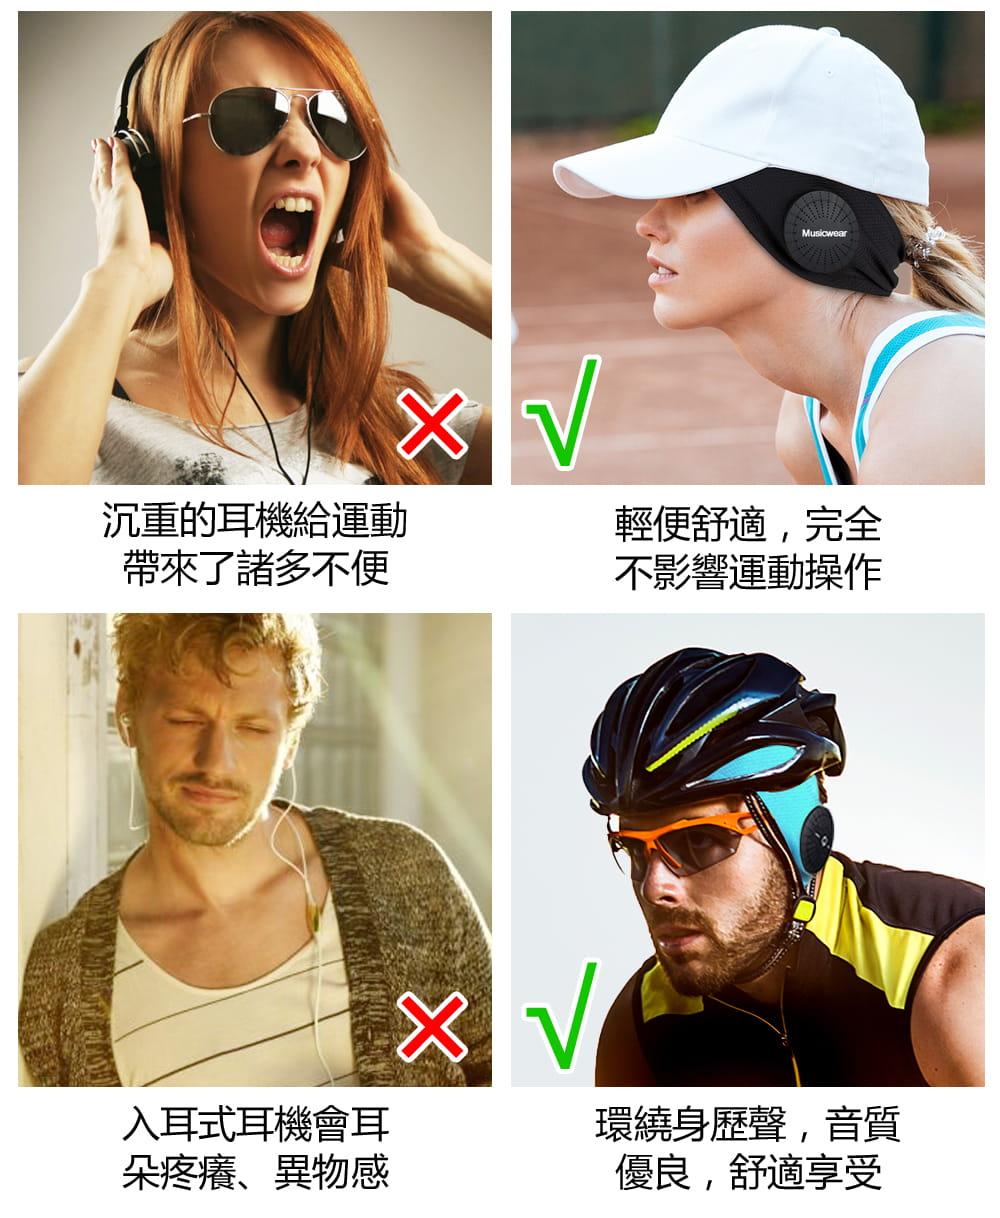 運動頭巾 藍牙耳機帽 5